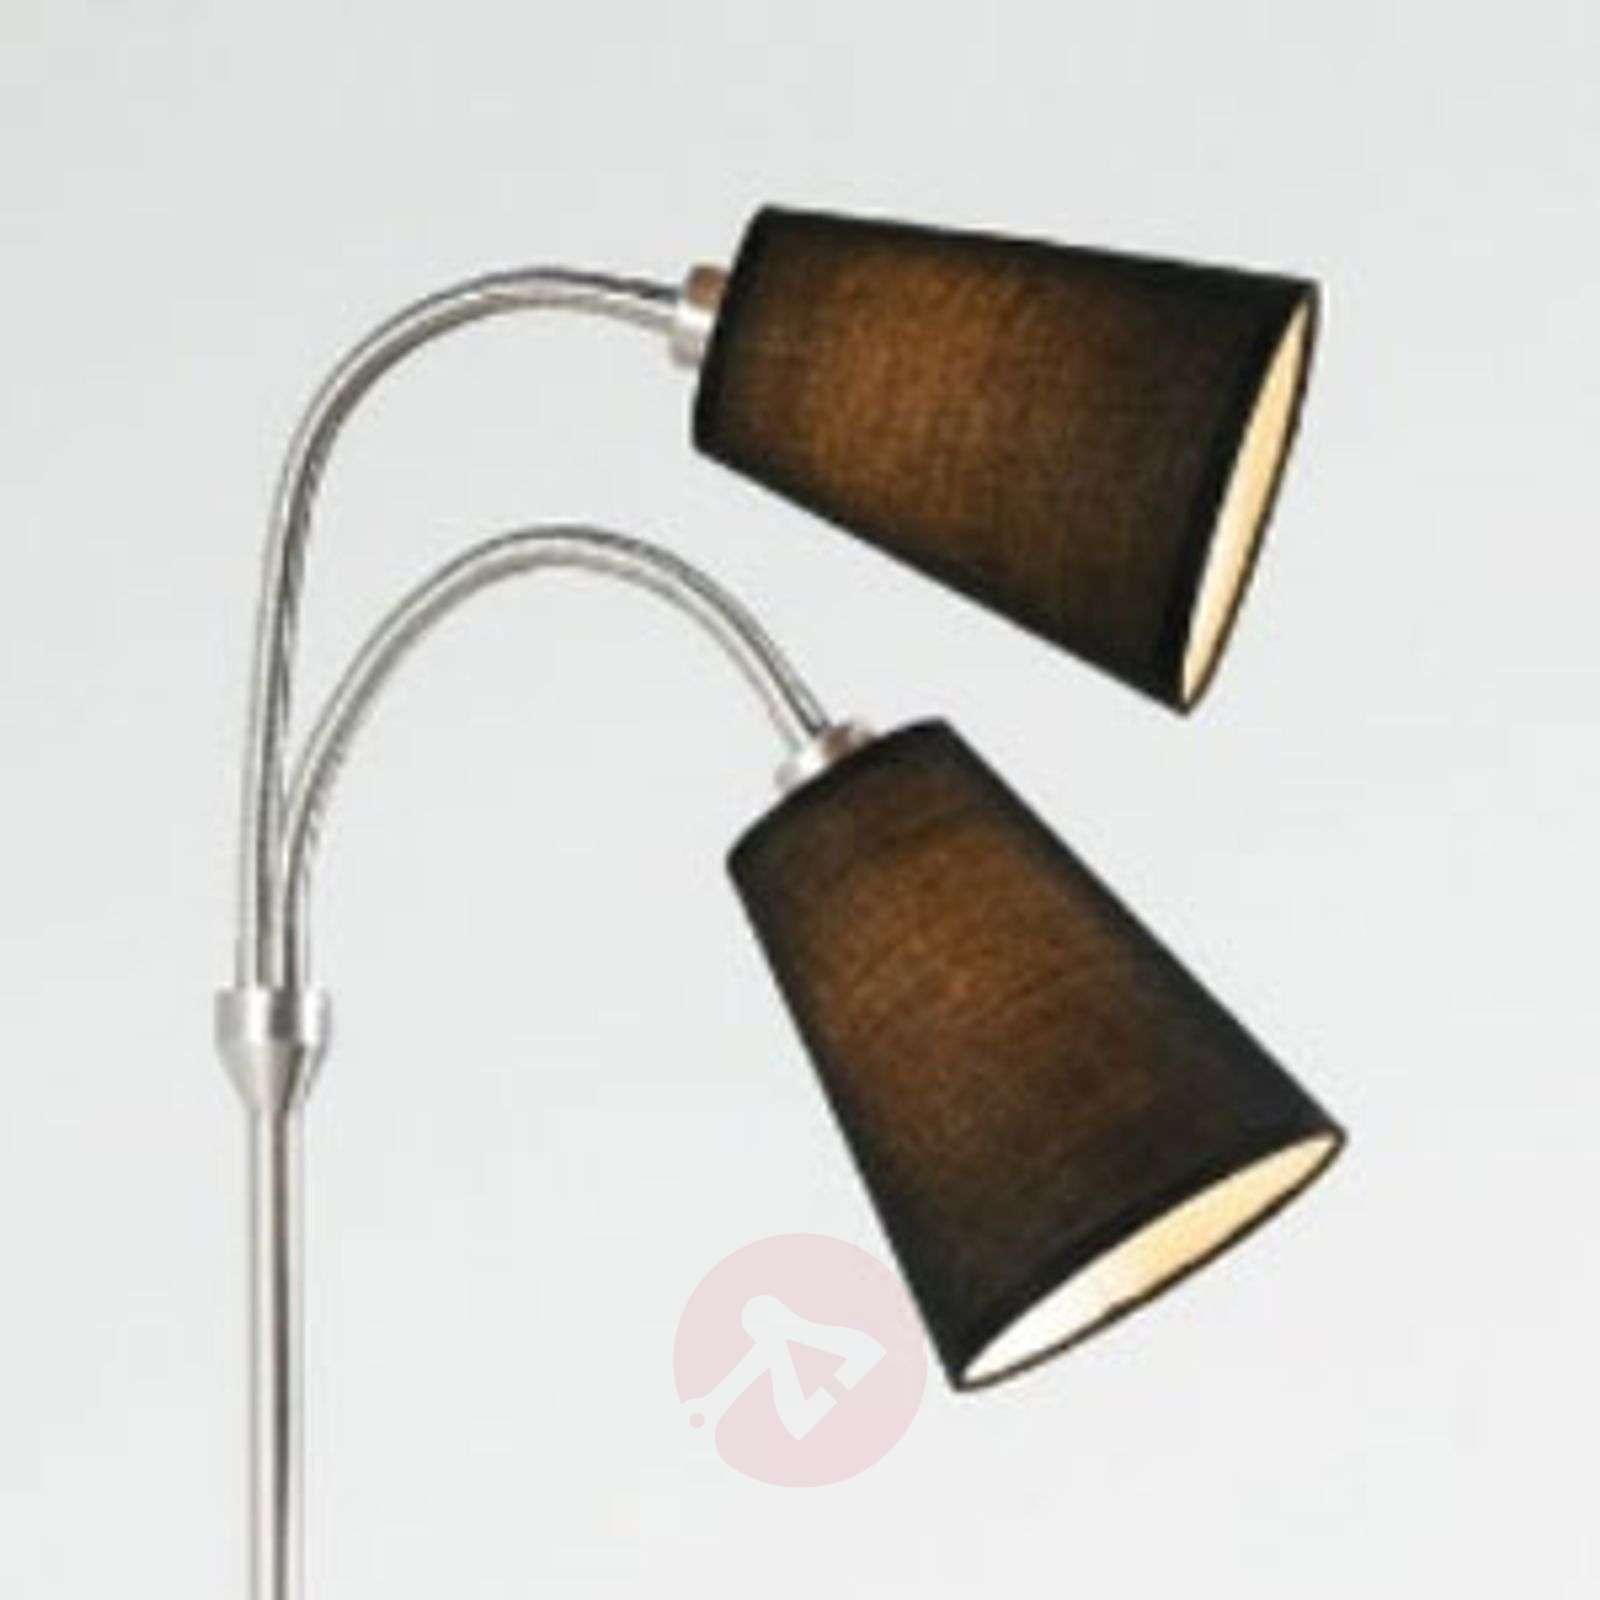 Kaksilamppuinen lattiavalaisin Lelio joustovarsi-7005701-01